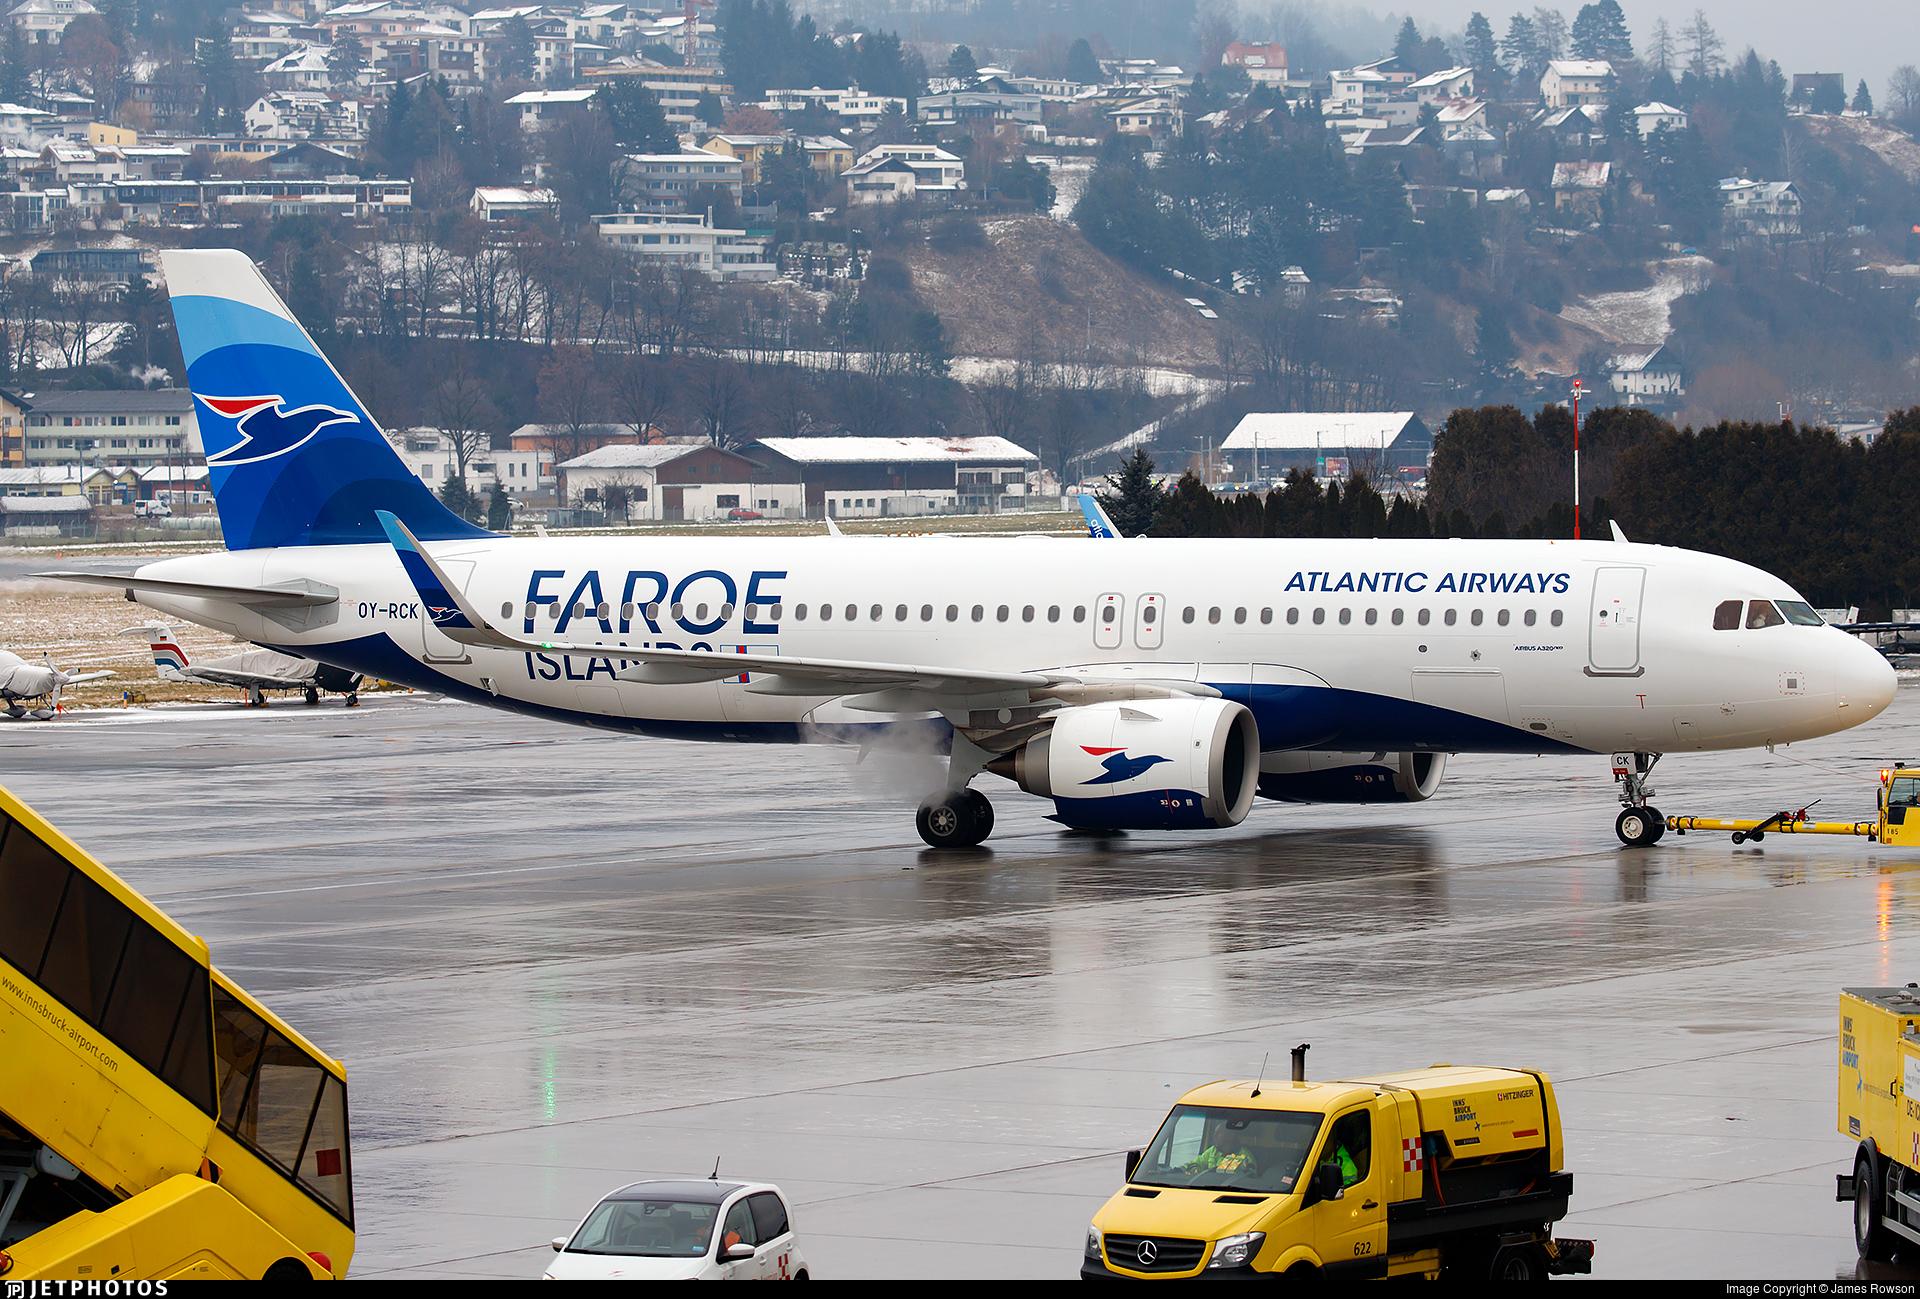 OY-RCK - Airbus A320-251N - Atlantic Airways